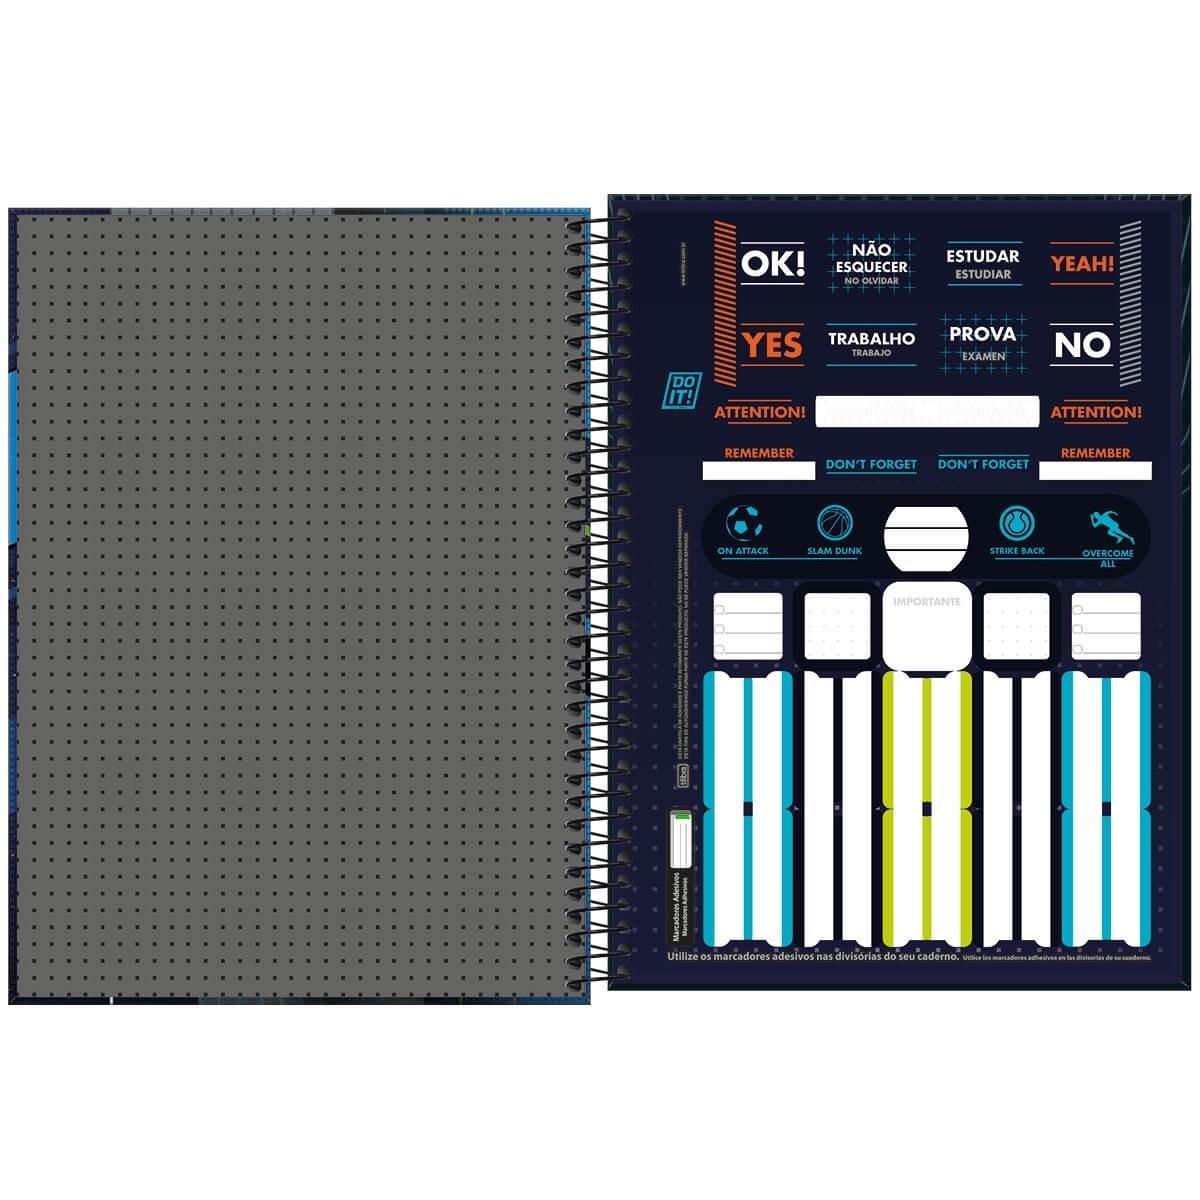 Caderno Espiral Capa Dura Universitário 10 Matérias Do It! 160 Folhas Tilibra